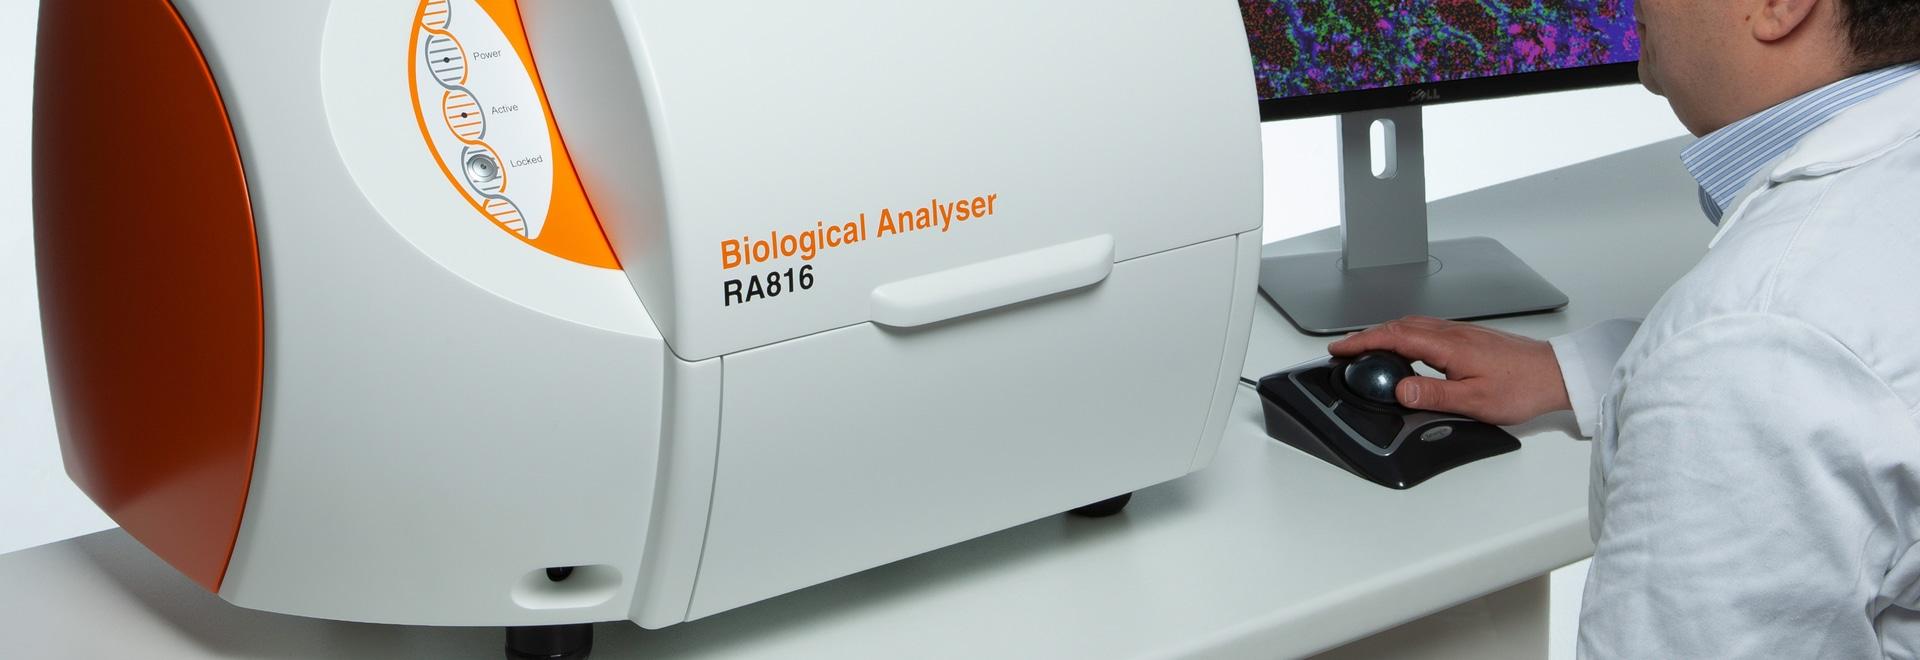 El analizador recoge la información biológica detallada